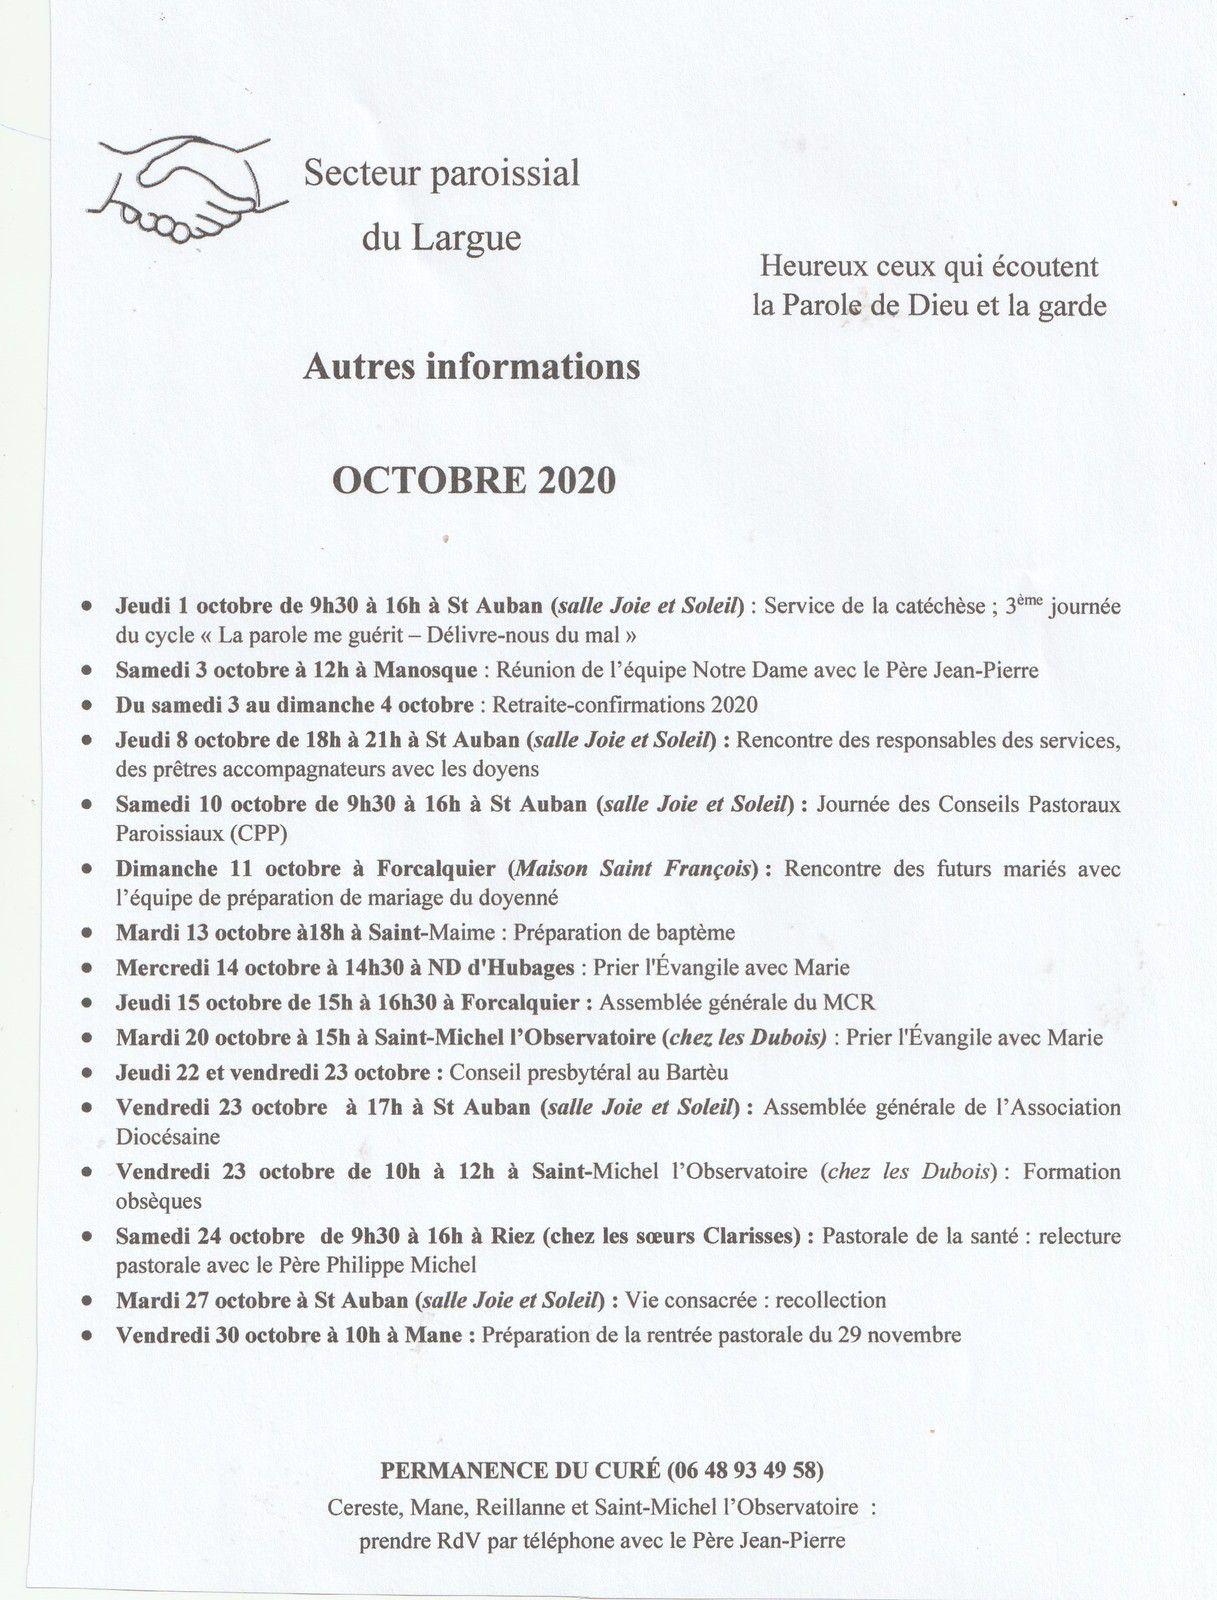 HORAIRES MESSES ET DIVERS - OCTOBRE 2020 - paroisse du Largue.